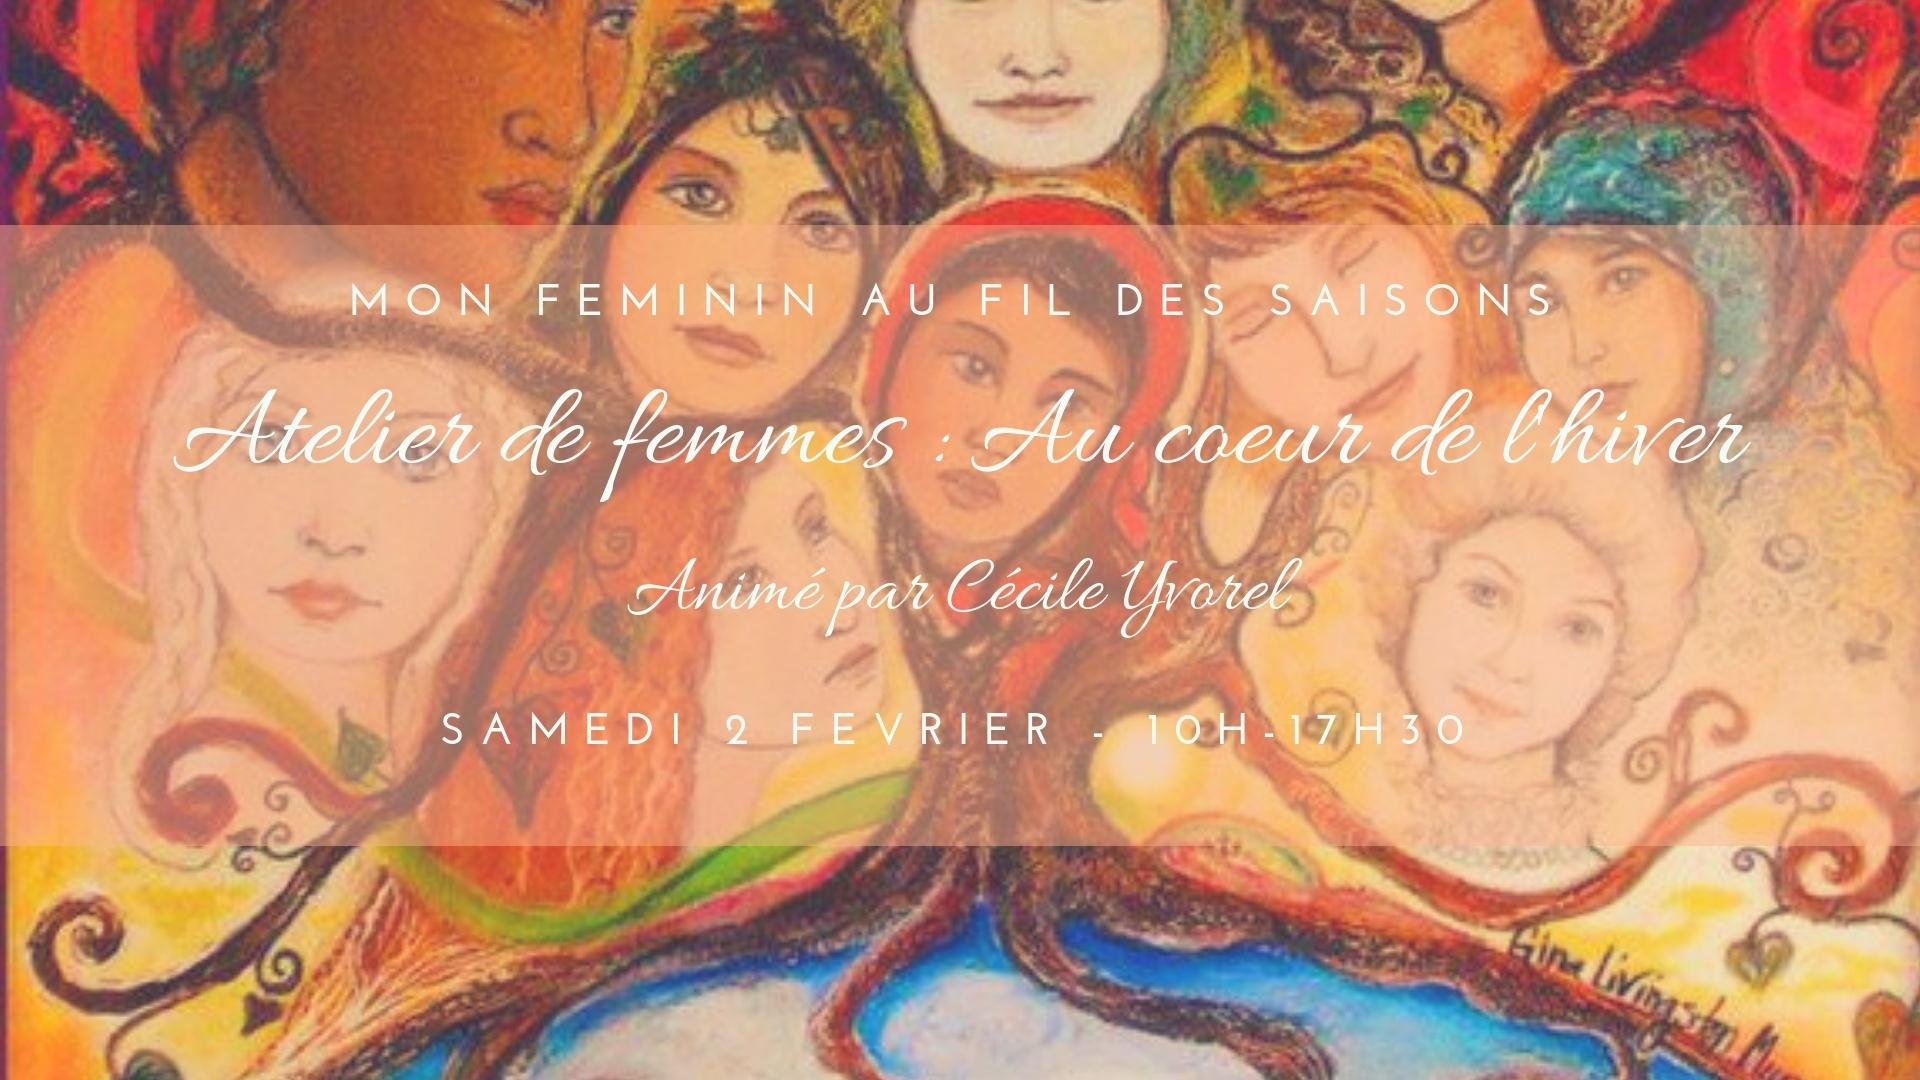 Atelier de femmes : Au coeur de L'hiver